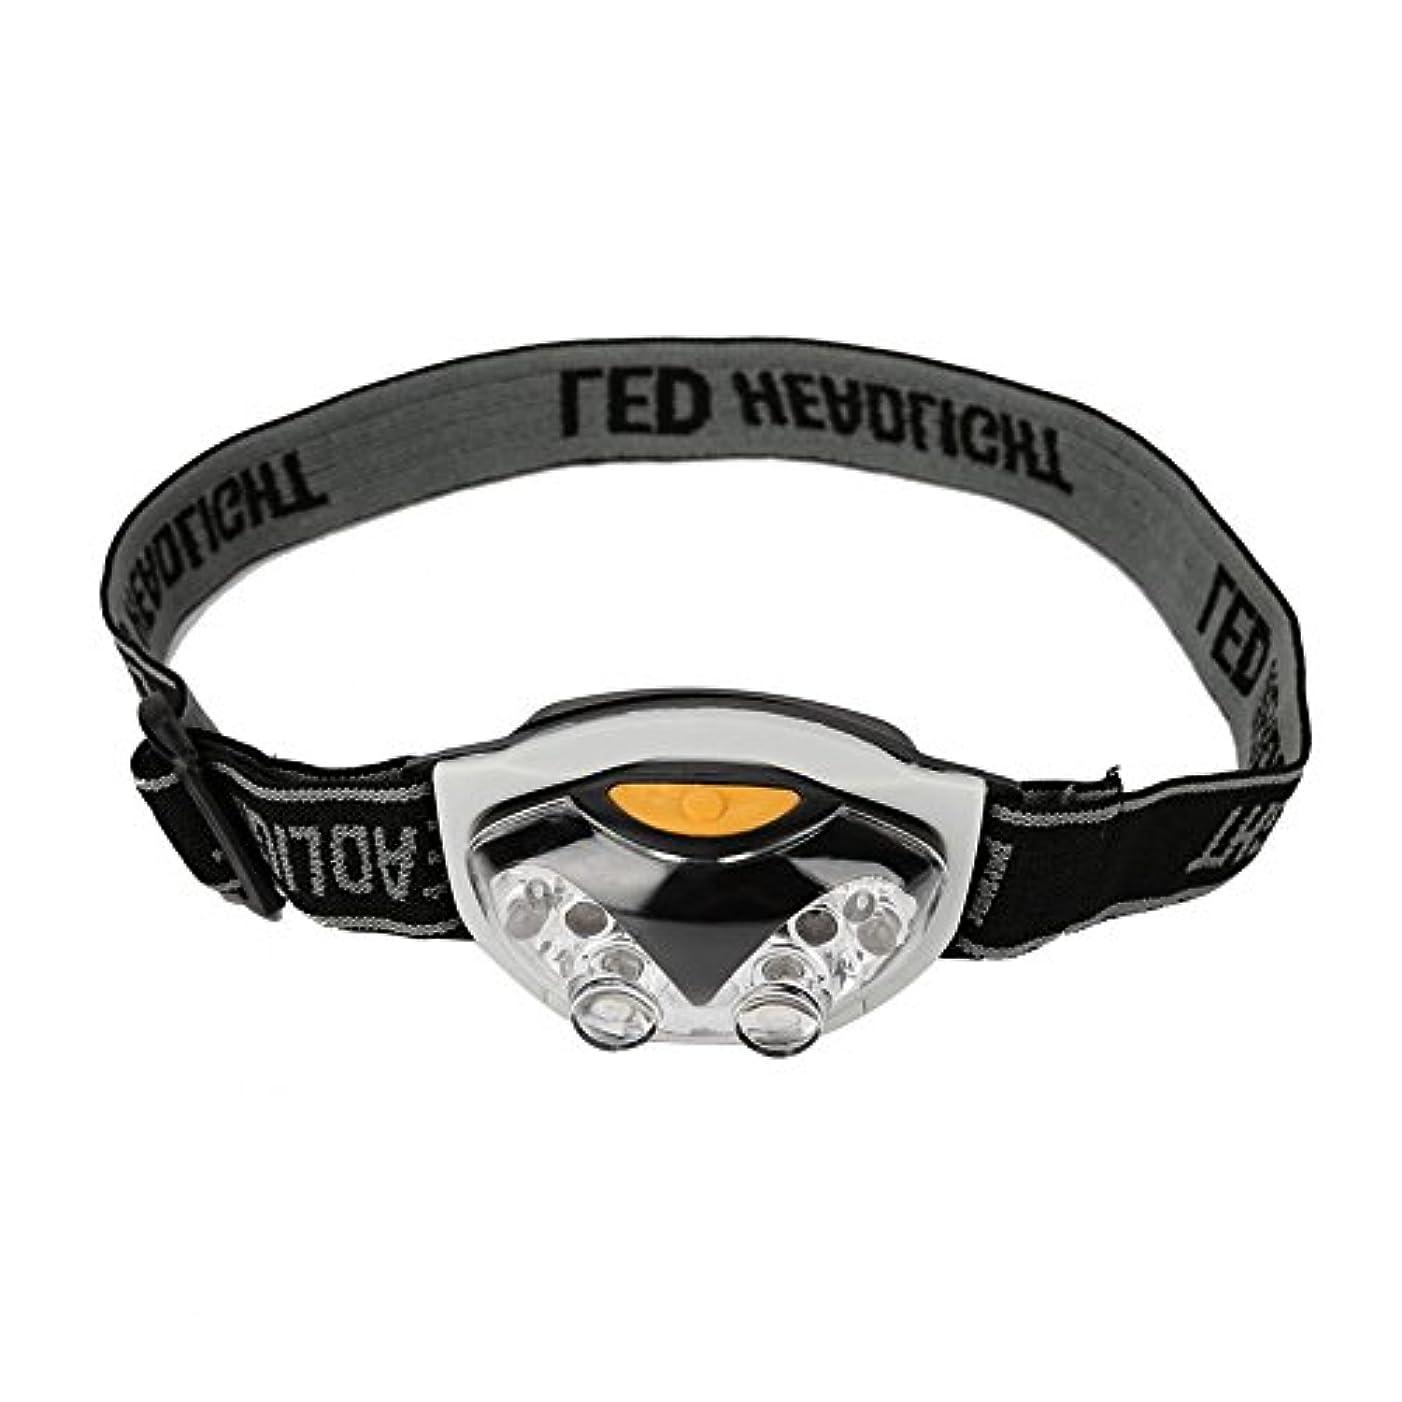 対応するつかの間深いヘッドライト LED 6つ電球 高輝度 防水 角度調節可能 200メートル 小型 SOSフラッシュ機能 アウトドア キャンプ 防災 登山 夜釣りに適用